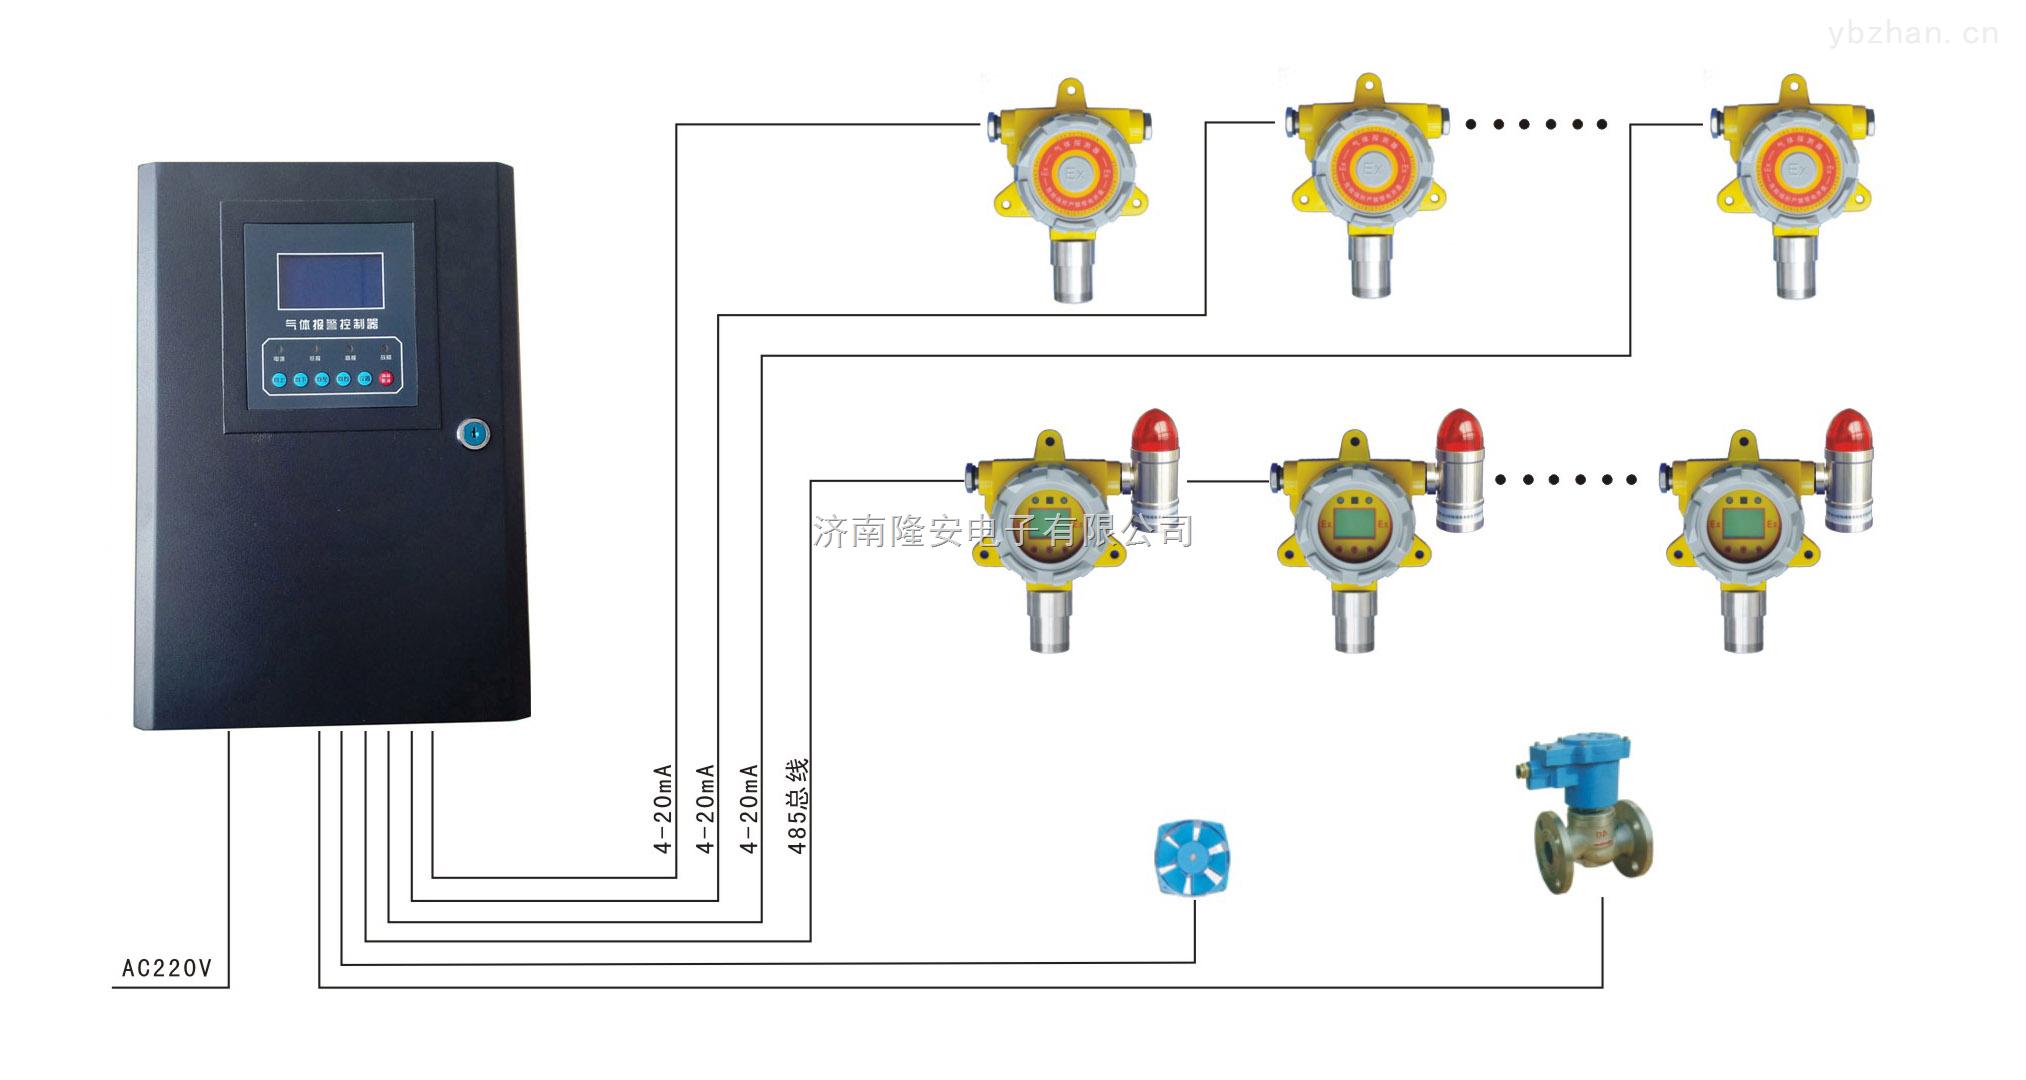 qb2000t系列固定式模块化酒精气体报警器